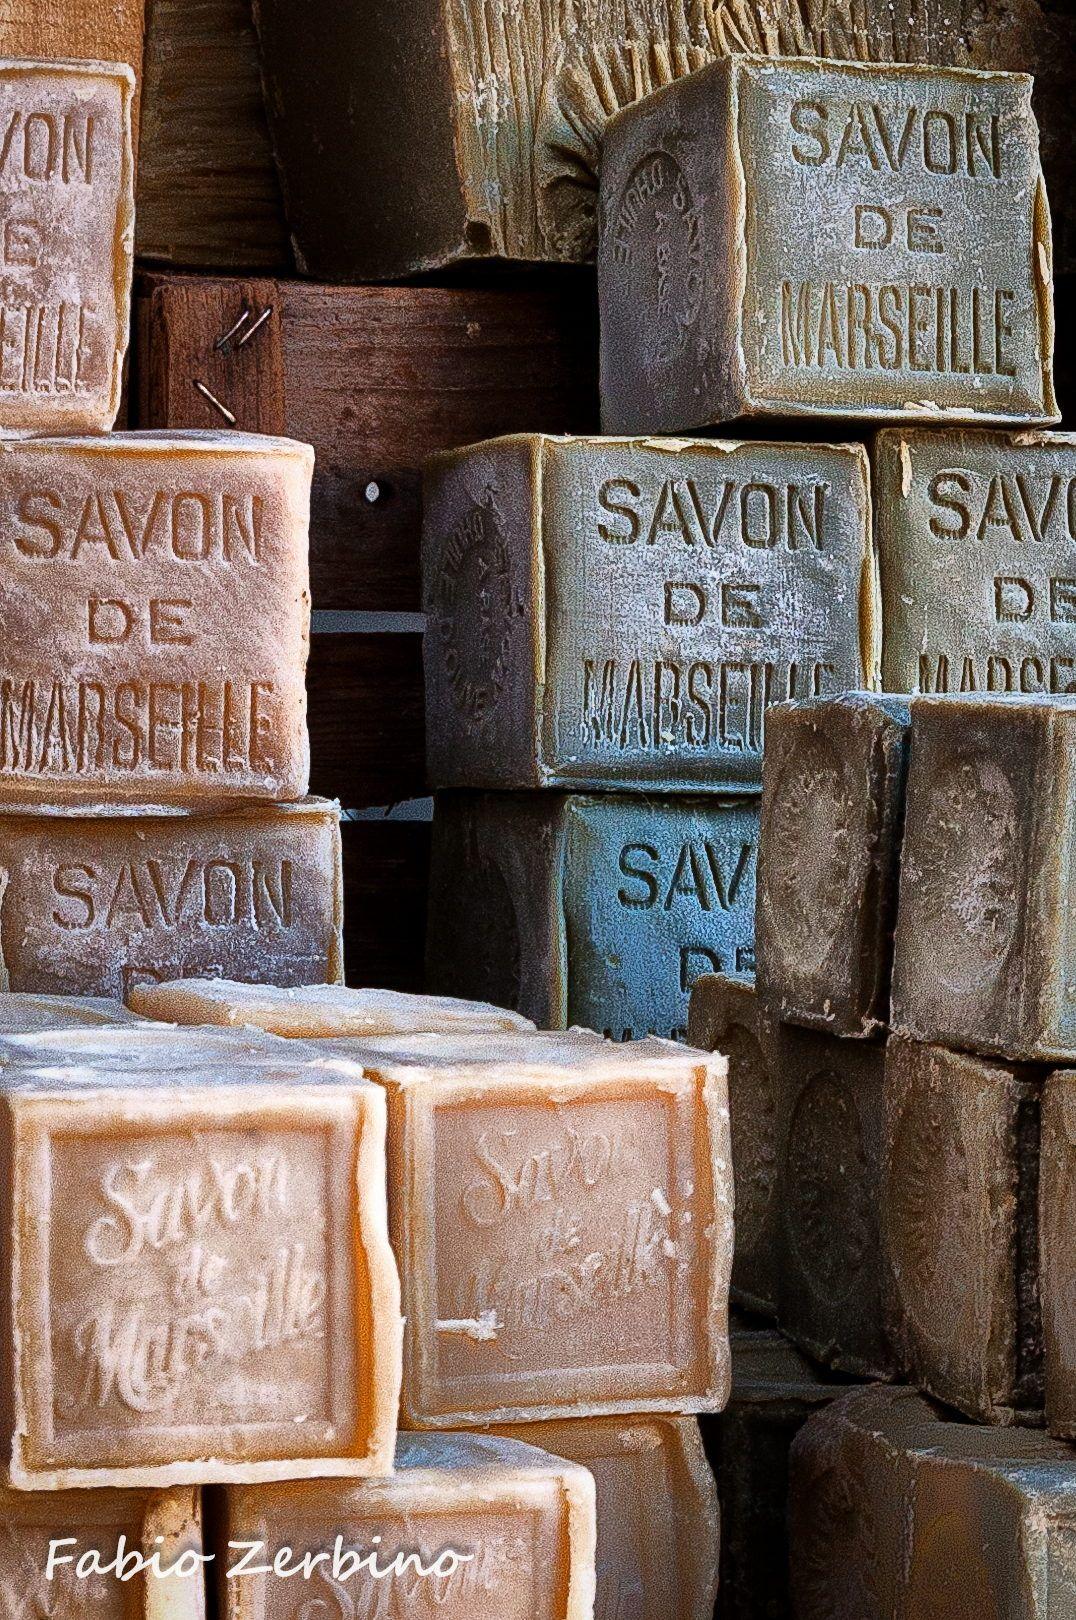 Savon de Marseille - Saponette di Marsiglia ammucchiate su un banco di un mercatino